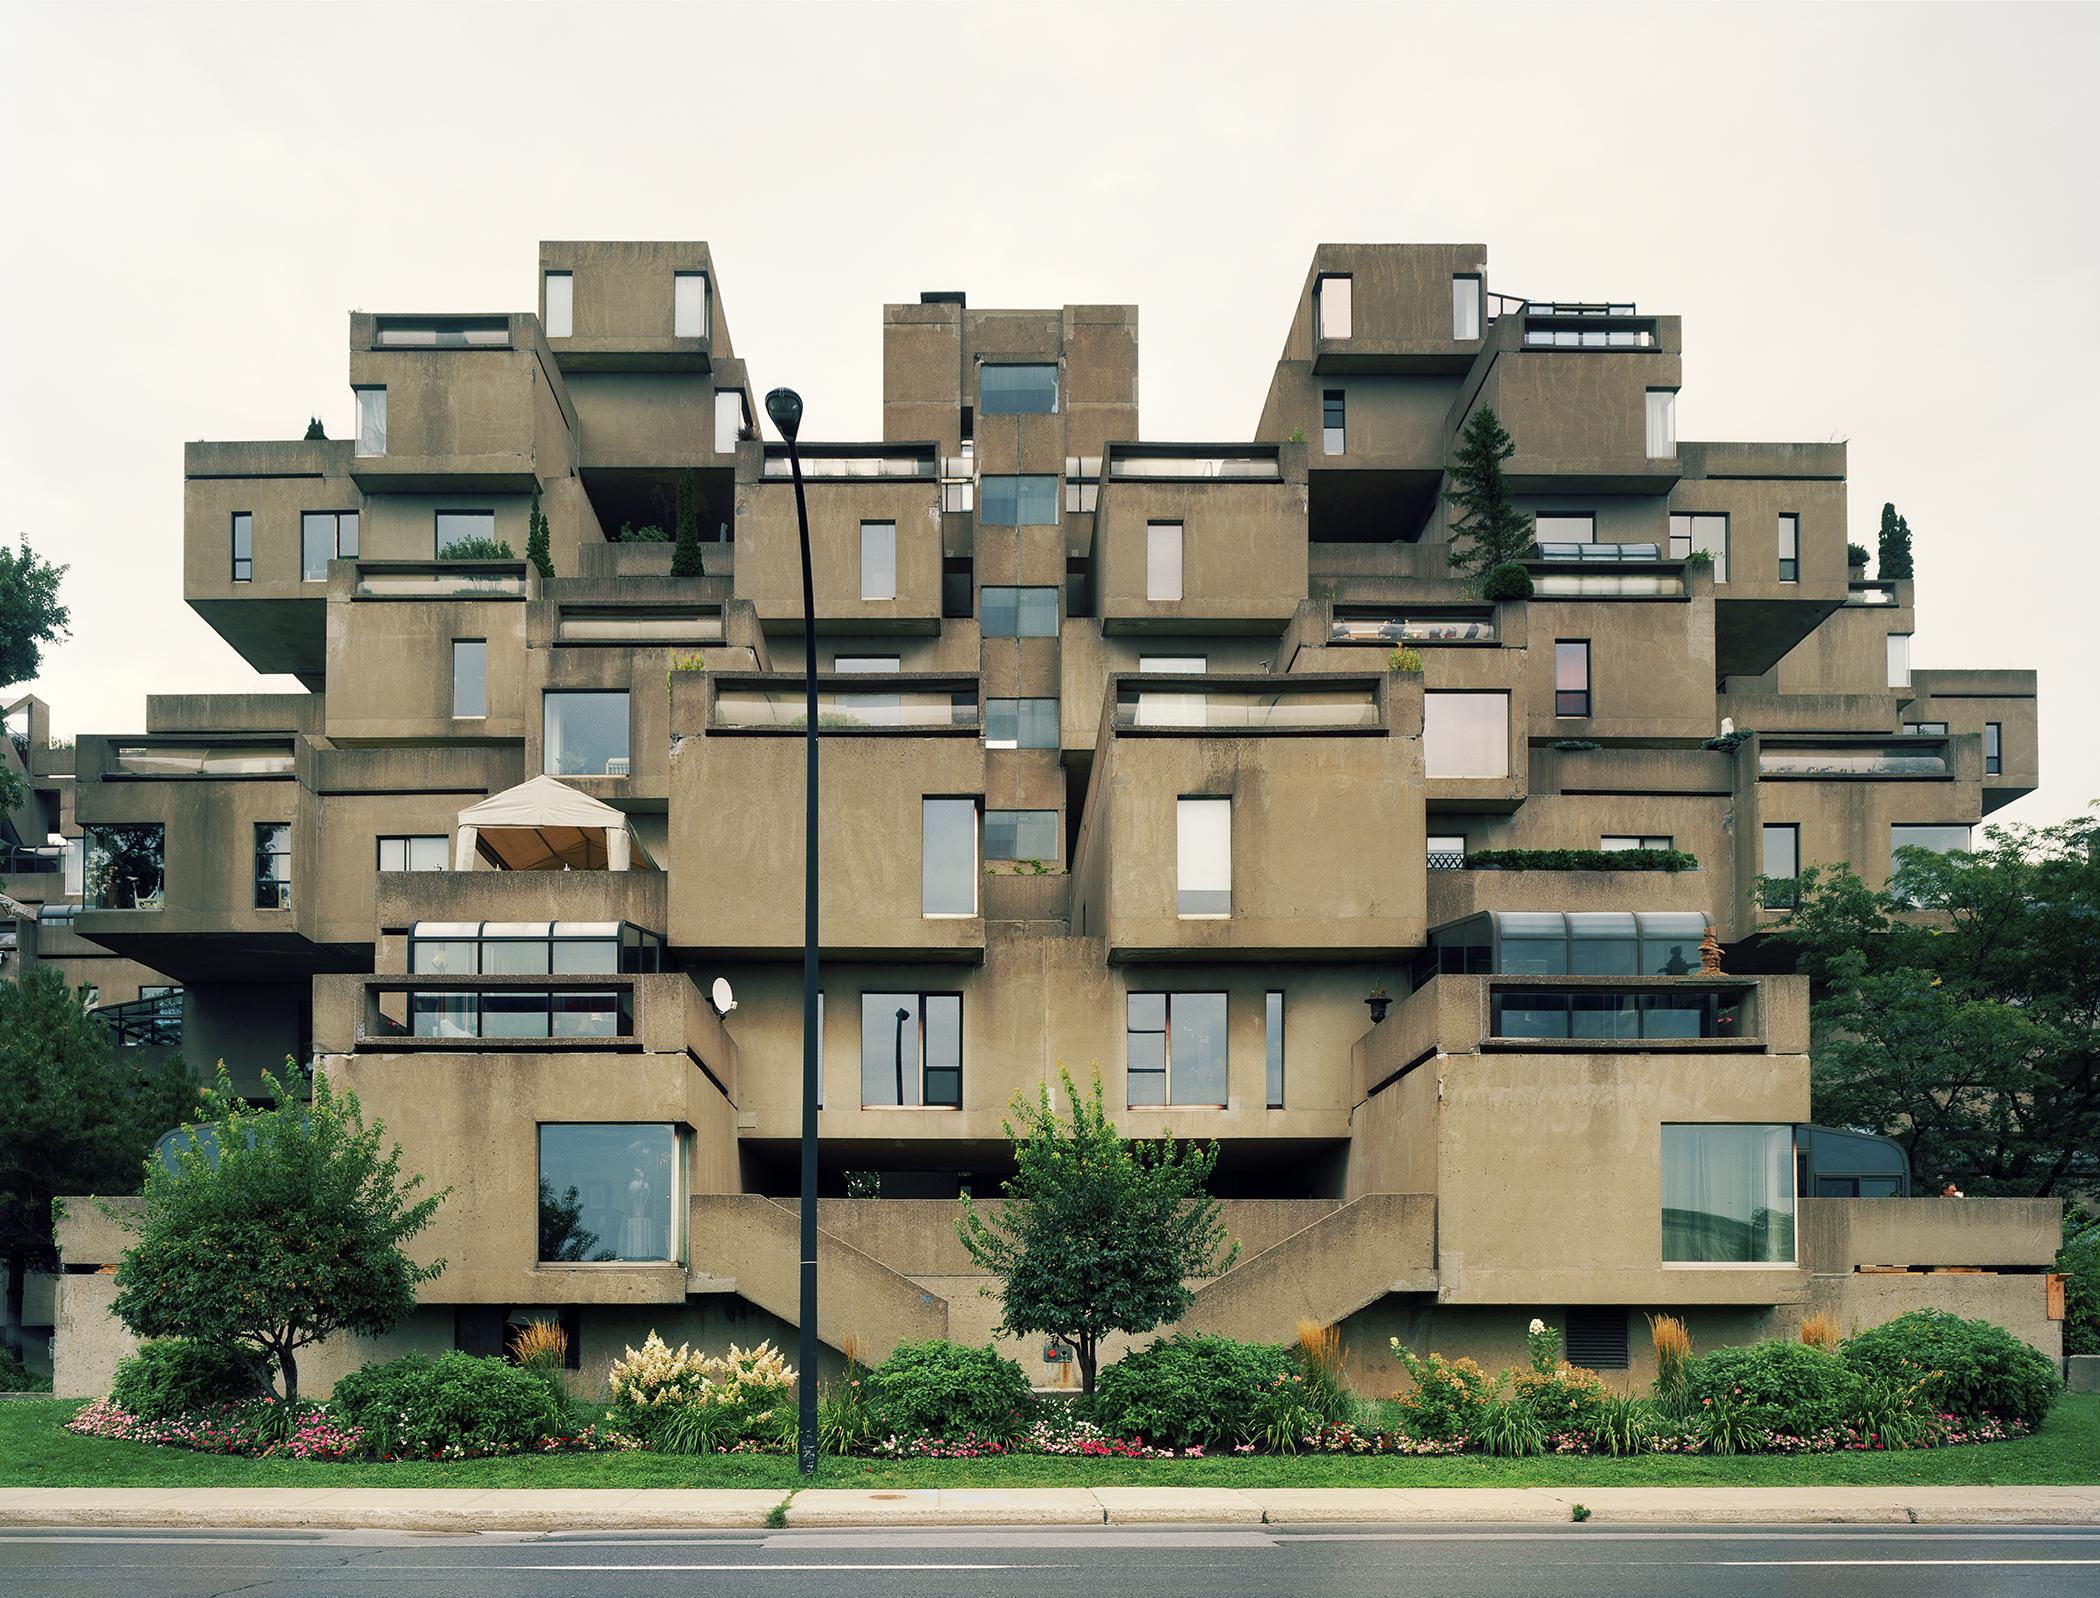 Lost-Utopias-Jade-Doskow-Front-Room-Gallery-Habitat-67.jpg